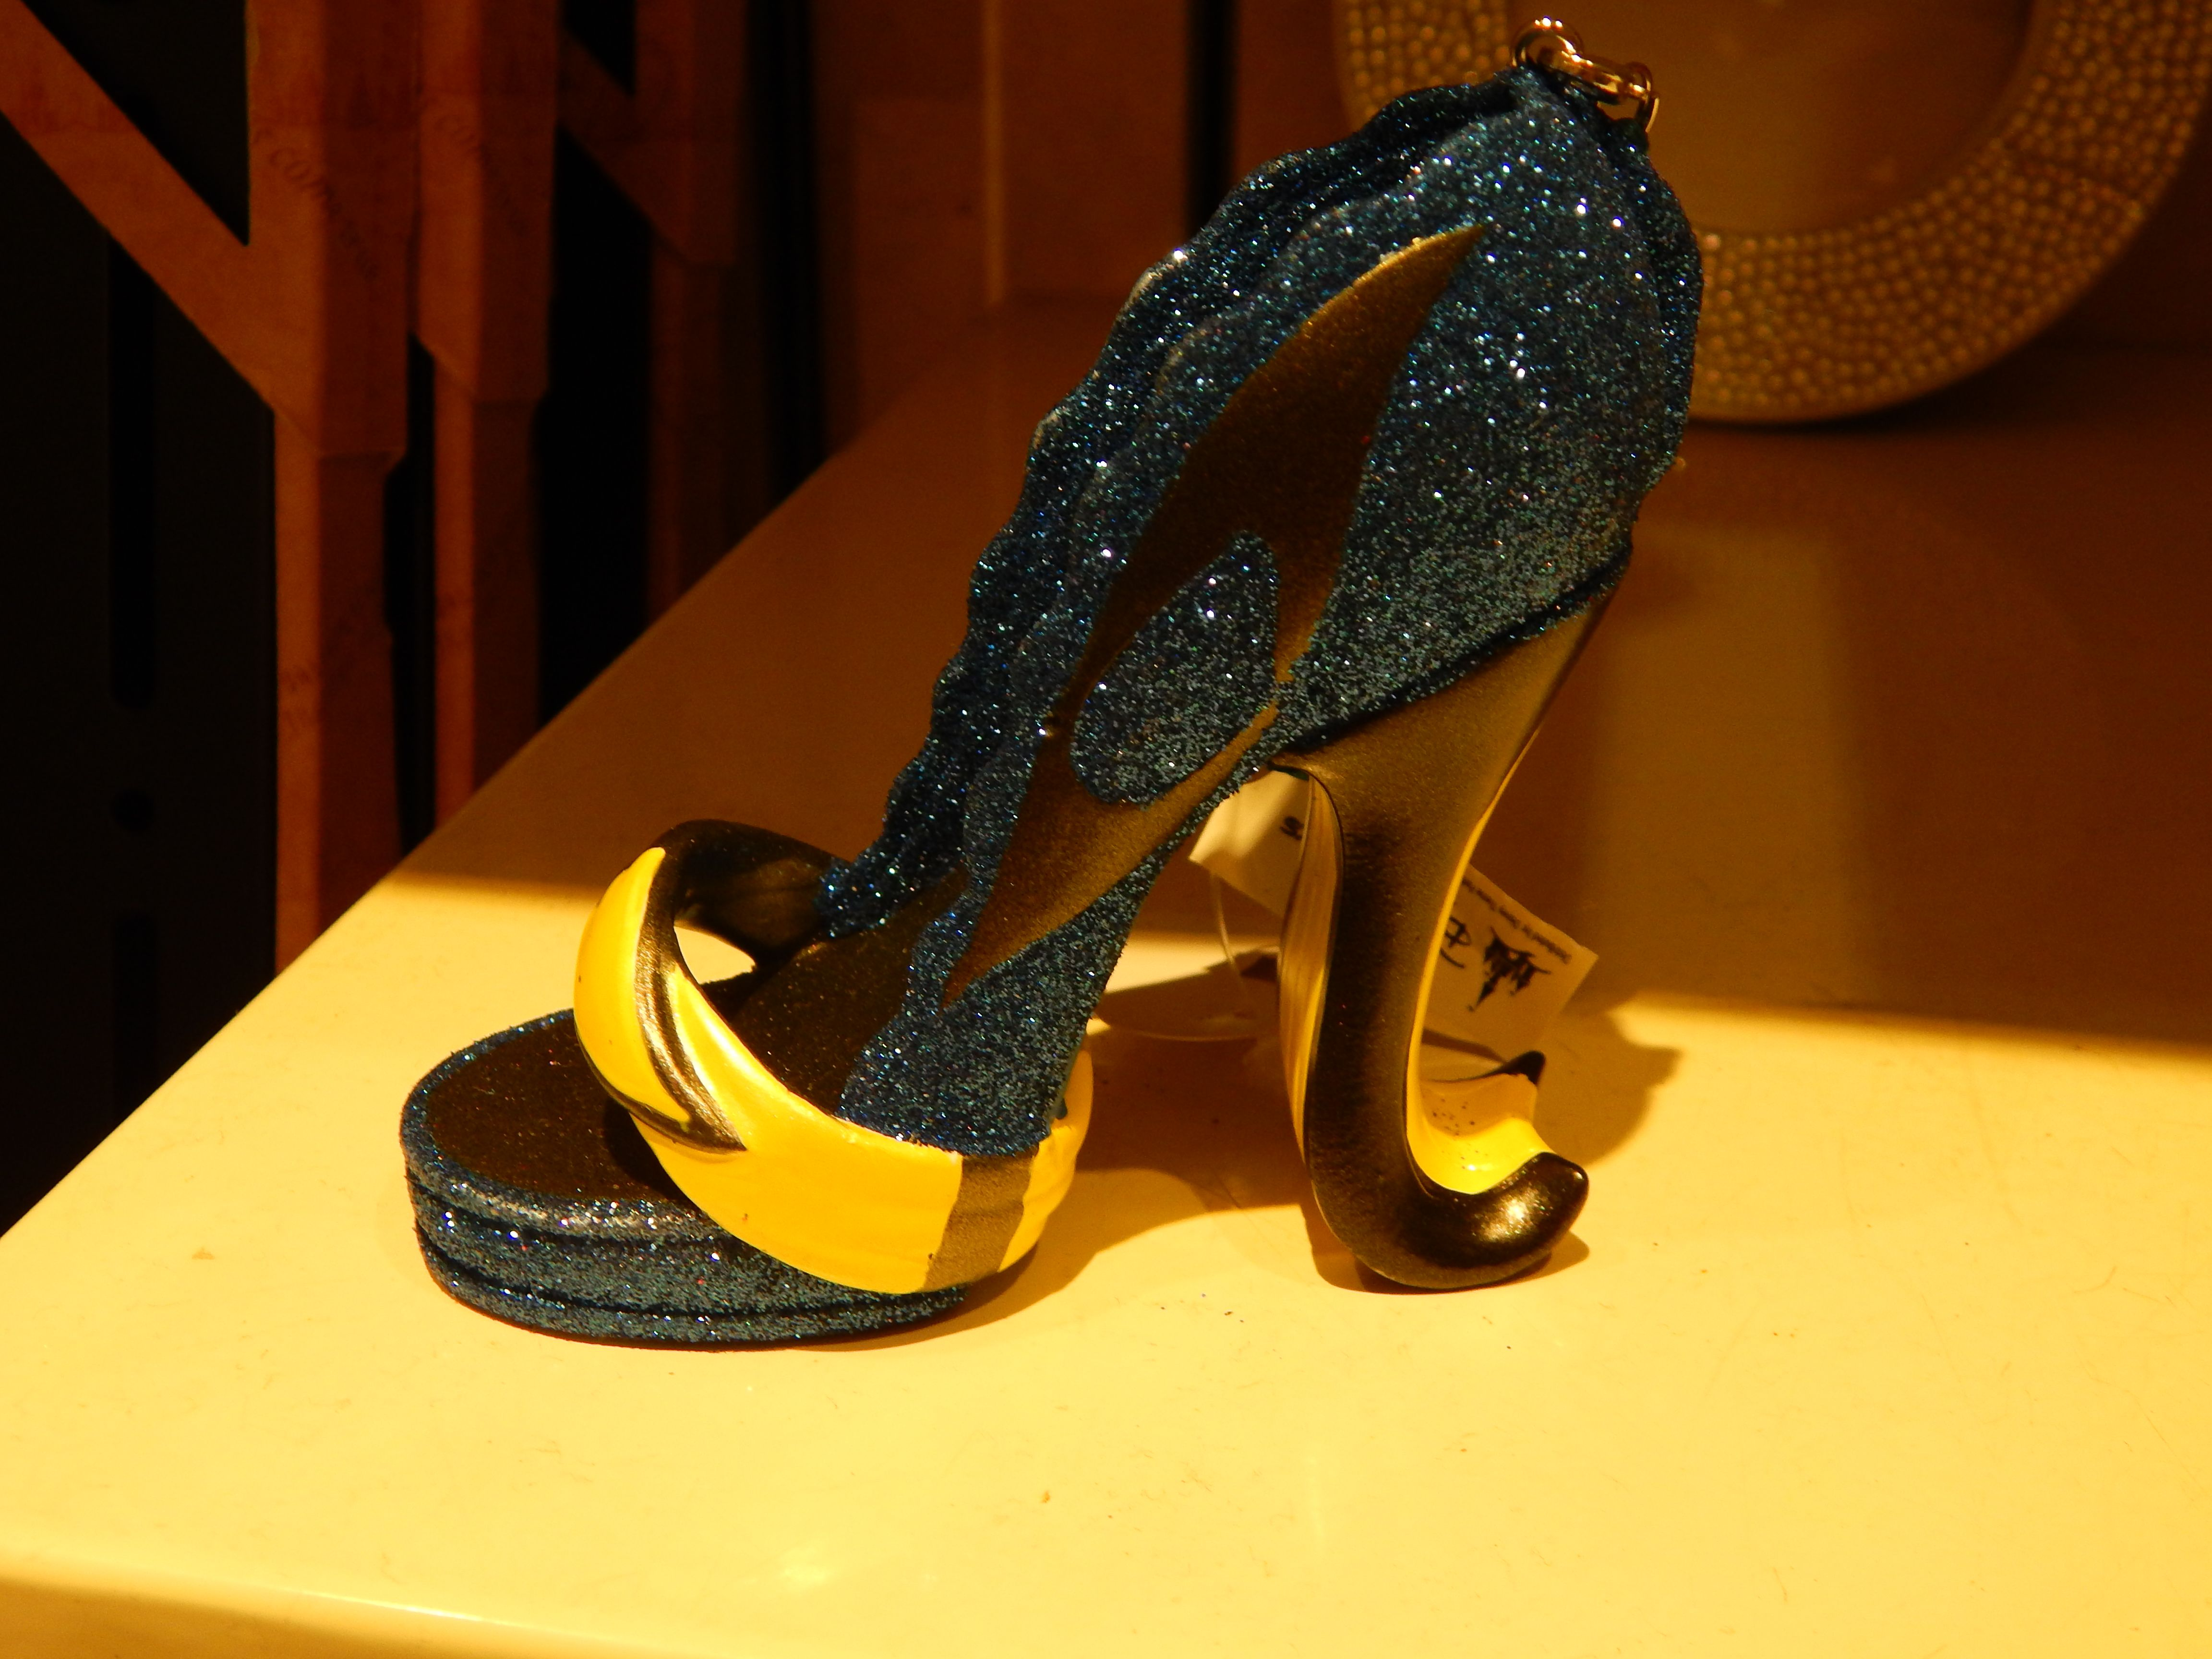 Shoe ornament clips - Shoe Ornament Clips 0